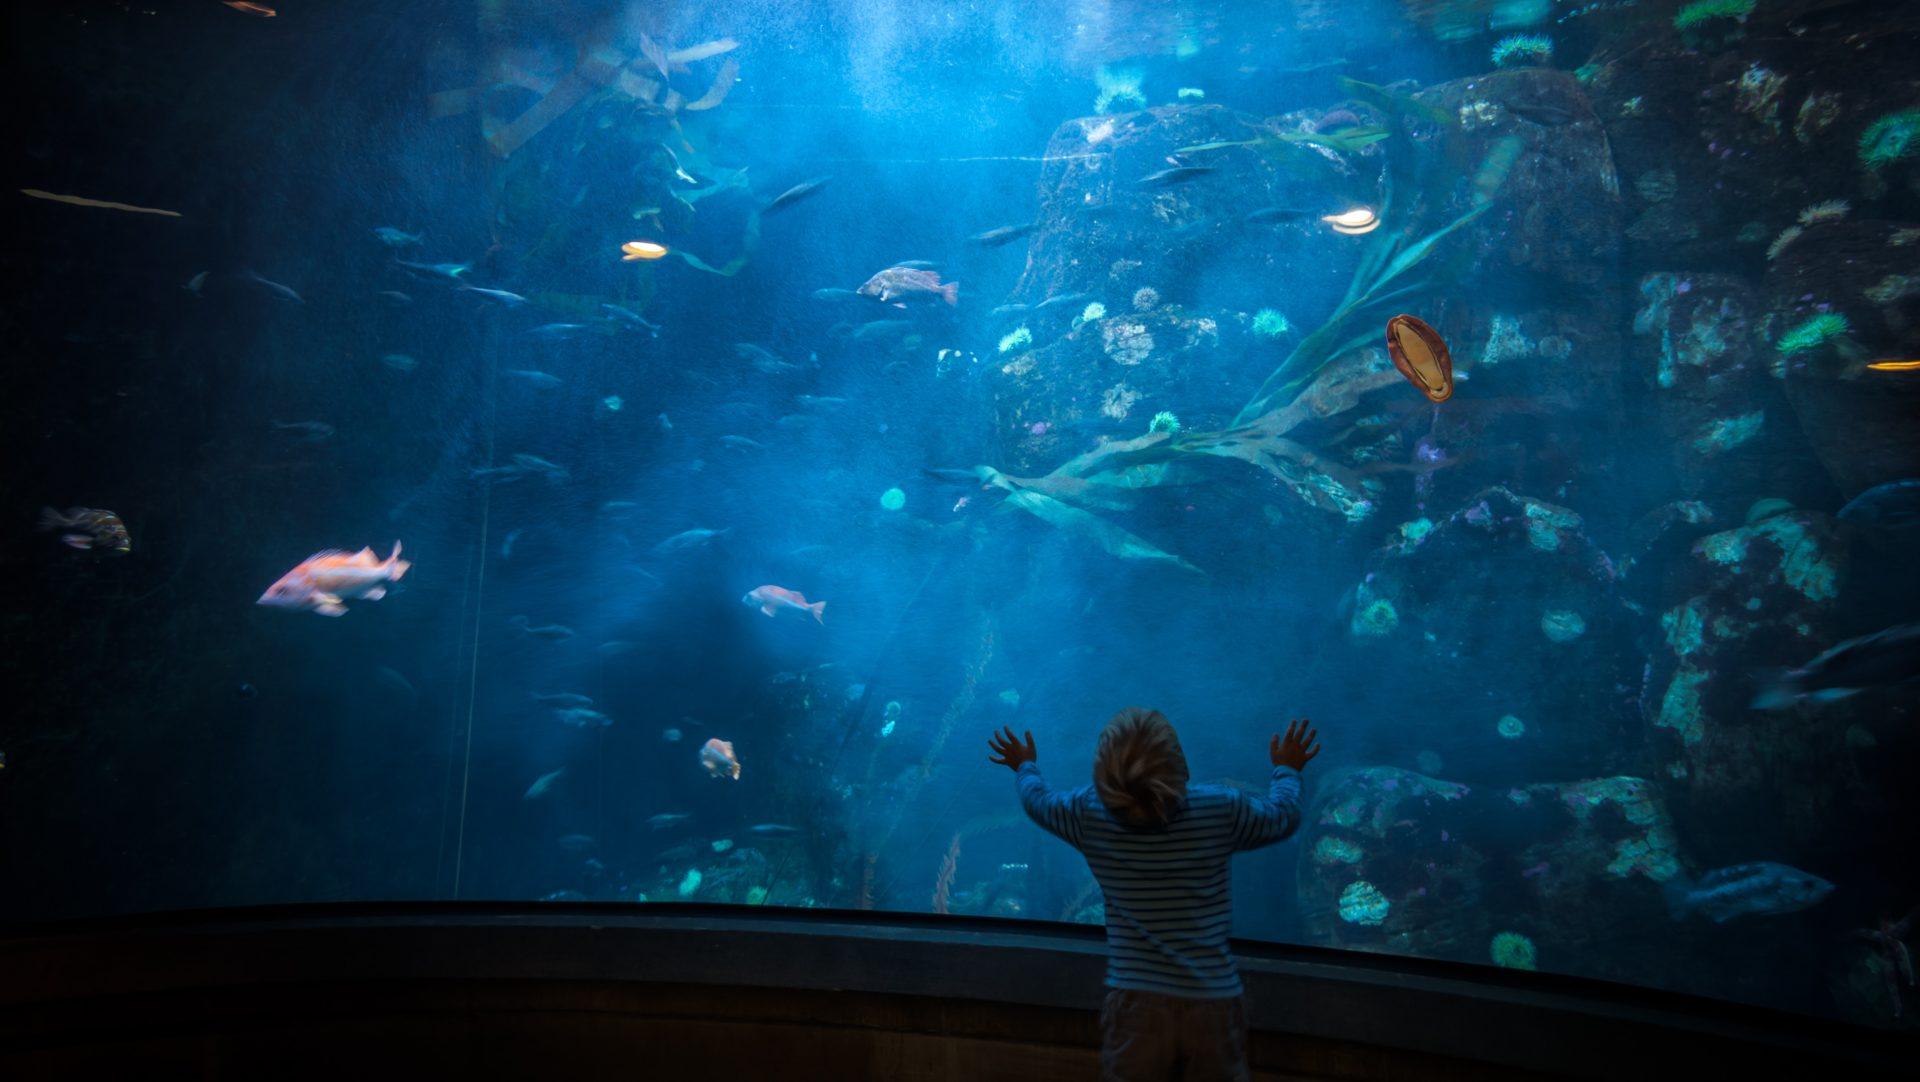 【博物之島新訊】讓孩子引爆你的好奇心!雪德水族館「好奇海洋」影片獲AAM大獎